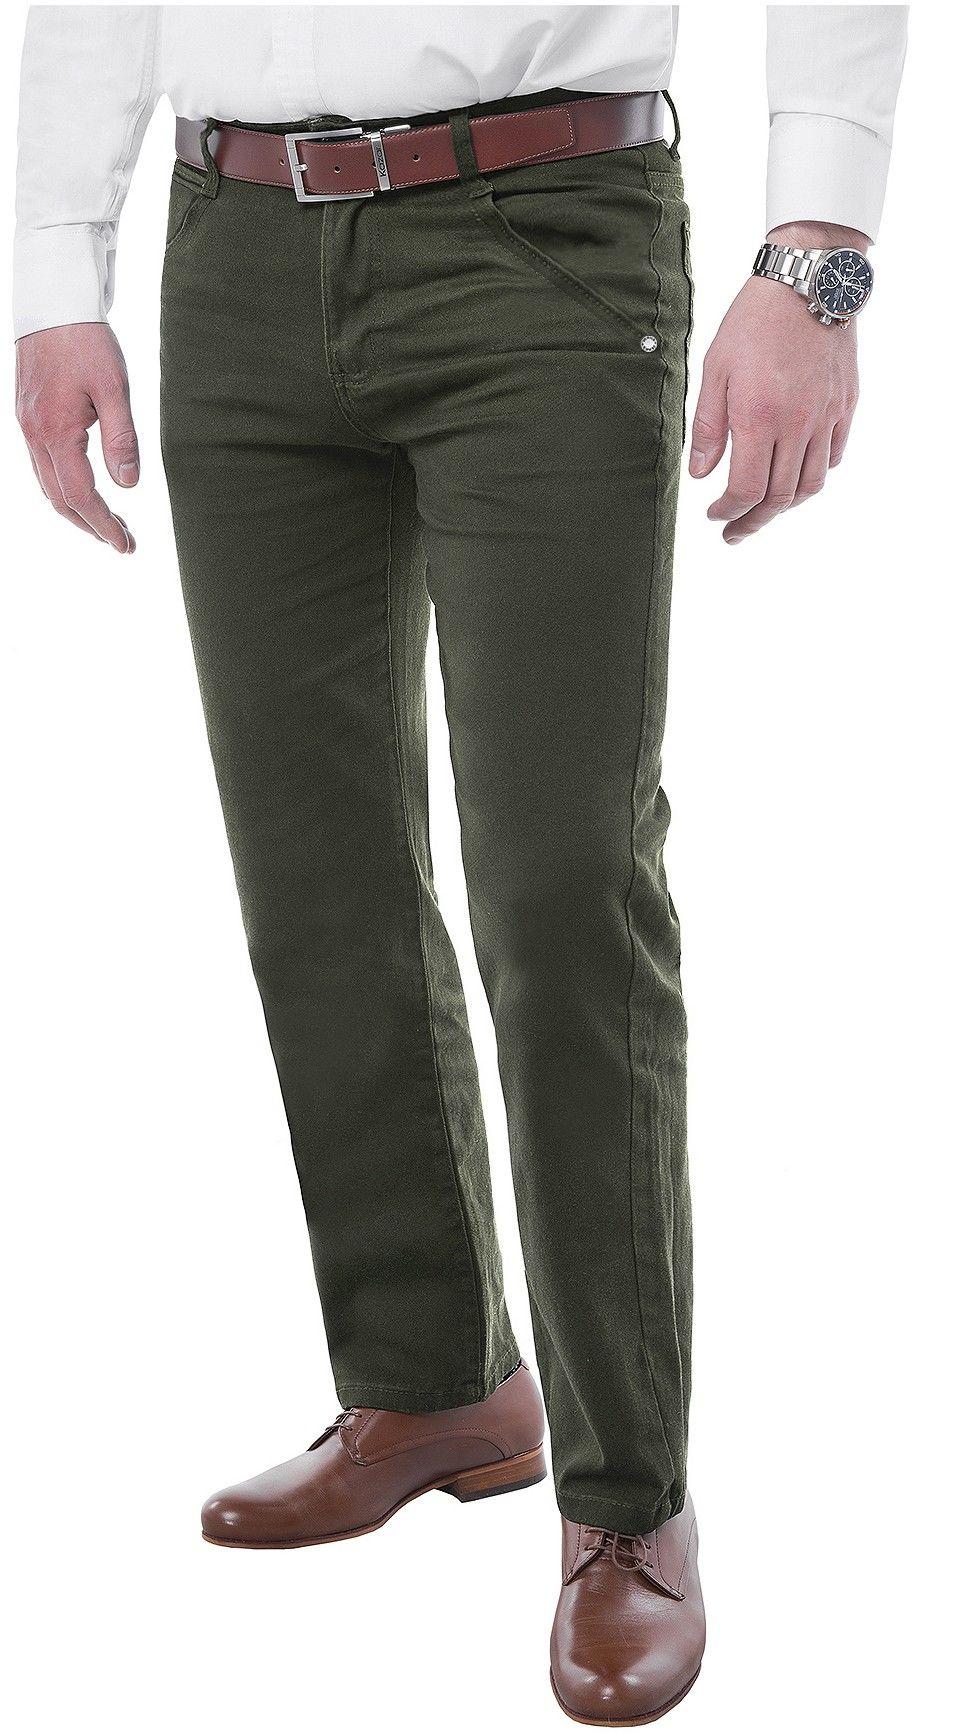 Spodnie męskie chinosy - 8630 - khaki